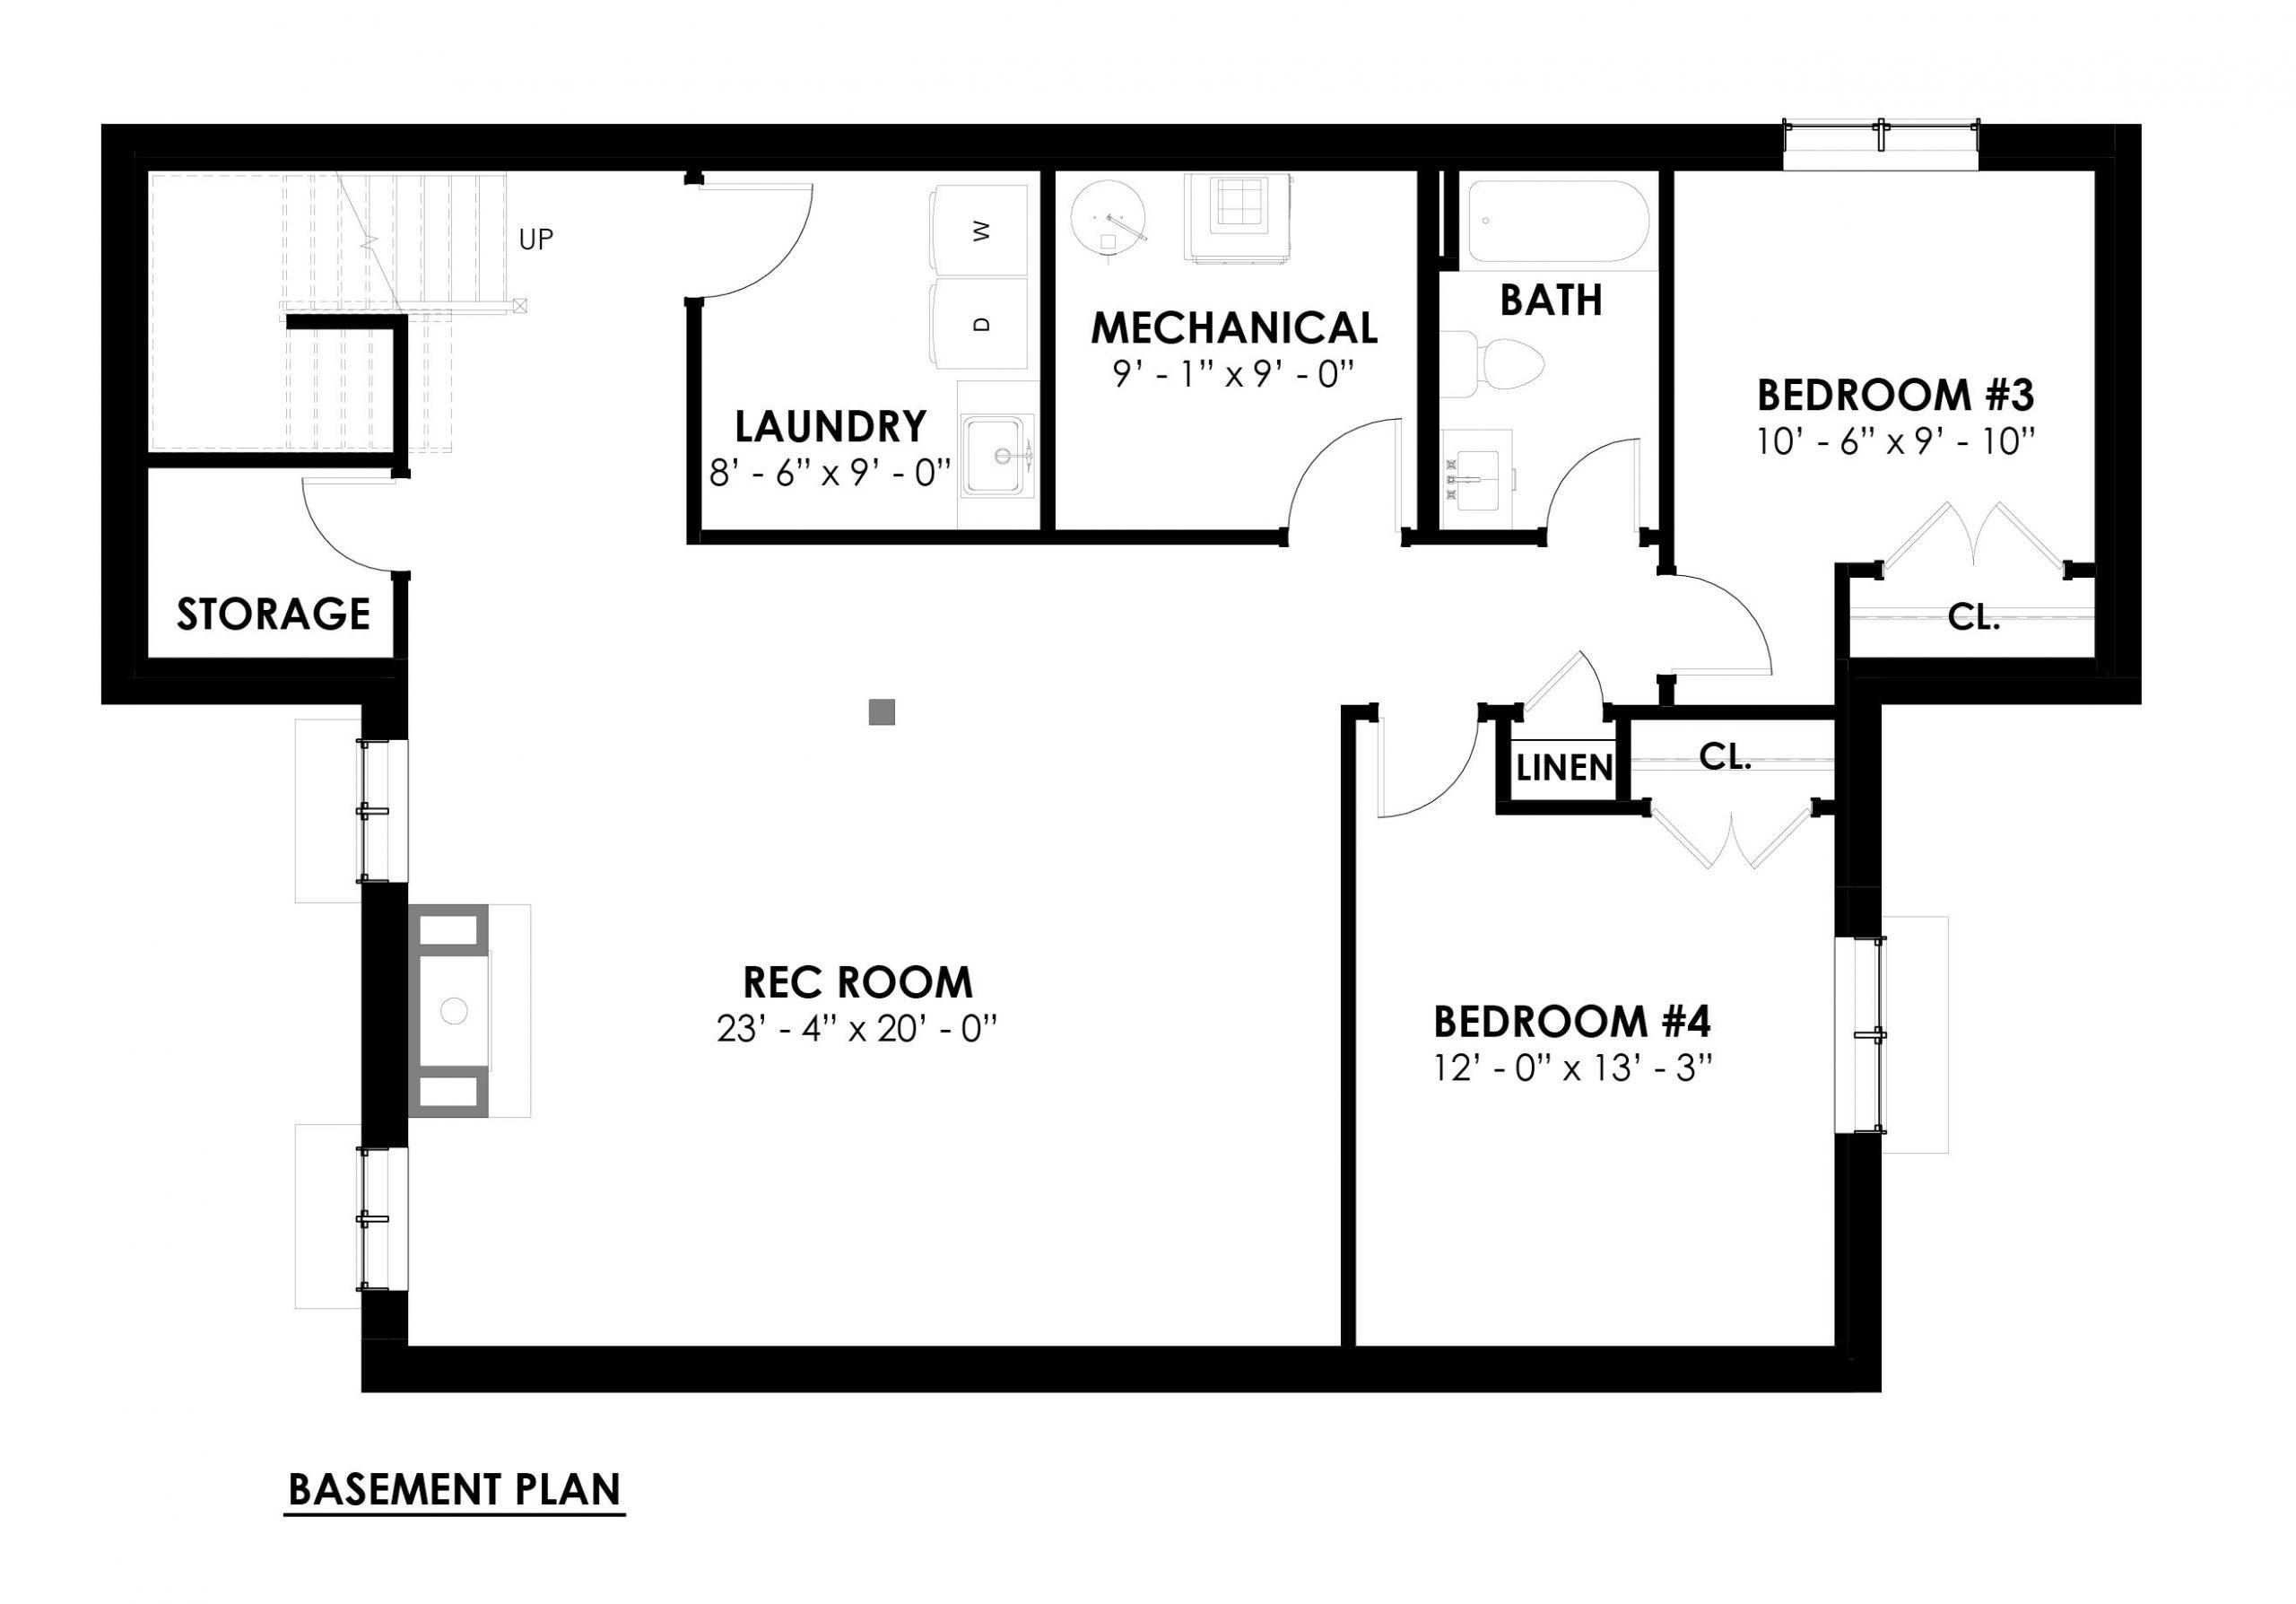 Normerica Timber Homes, Timber Frame, House Plans, The Herridge 3979, Basement Floor Plan